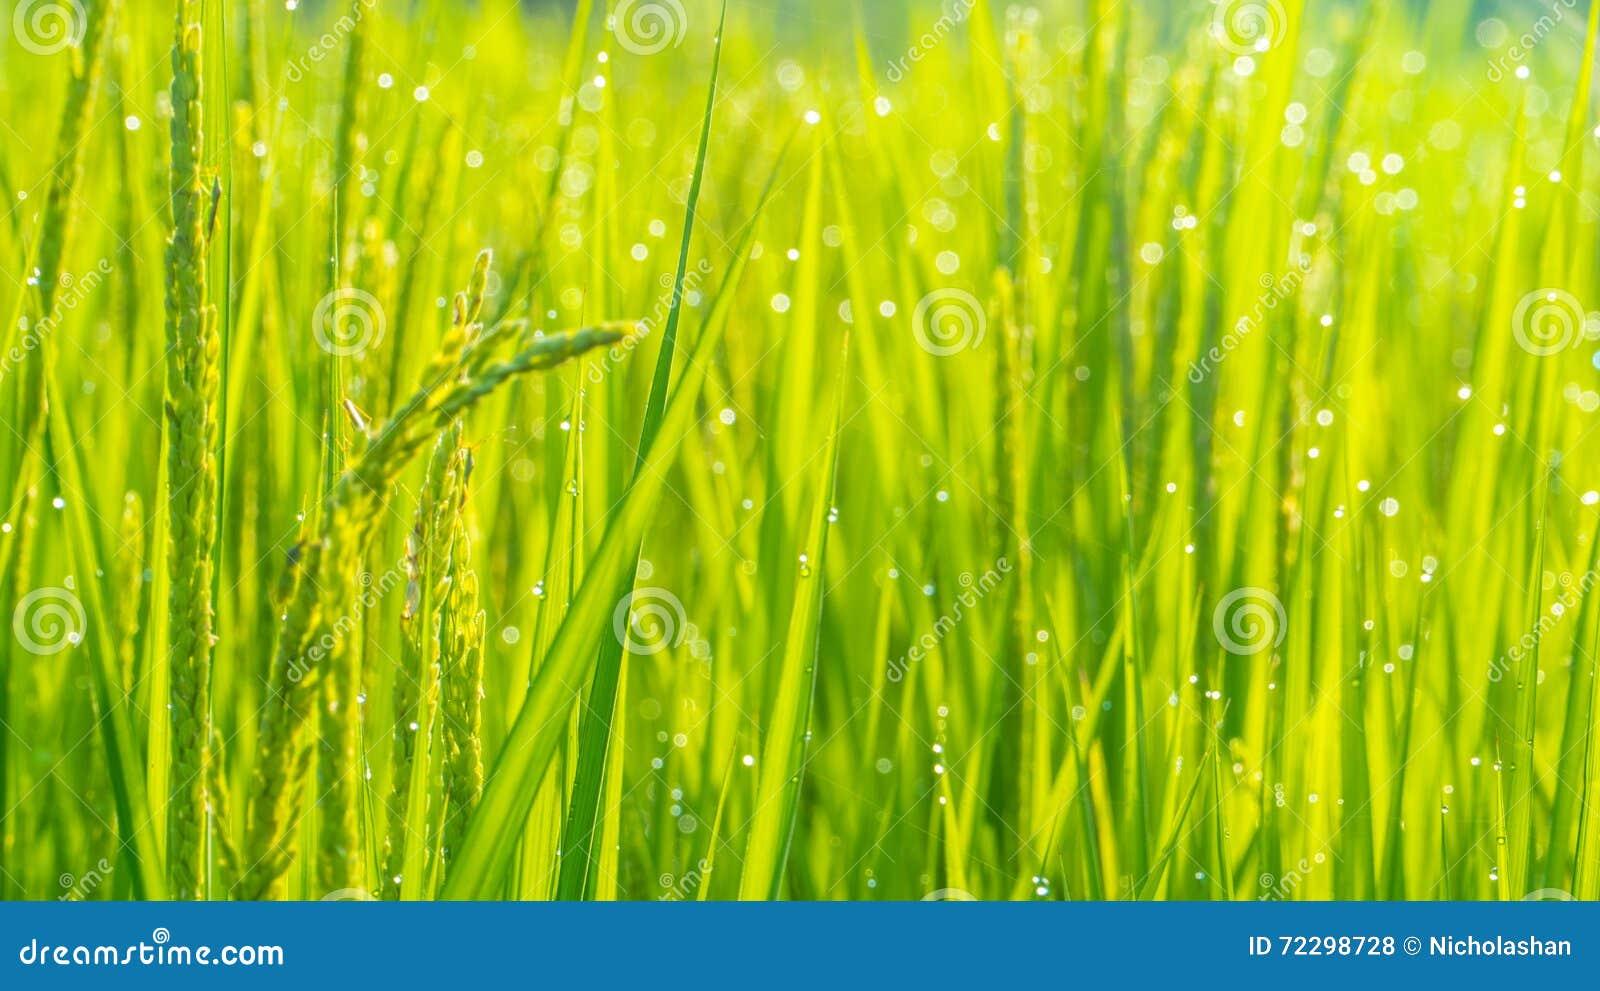 Download Конец вверх зеленых неочищенных рисов Зеленое ухо риса в неочищенных рисах Fi Стоковое Фото - изображение насчитывающей экономия, green: 72298728